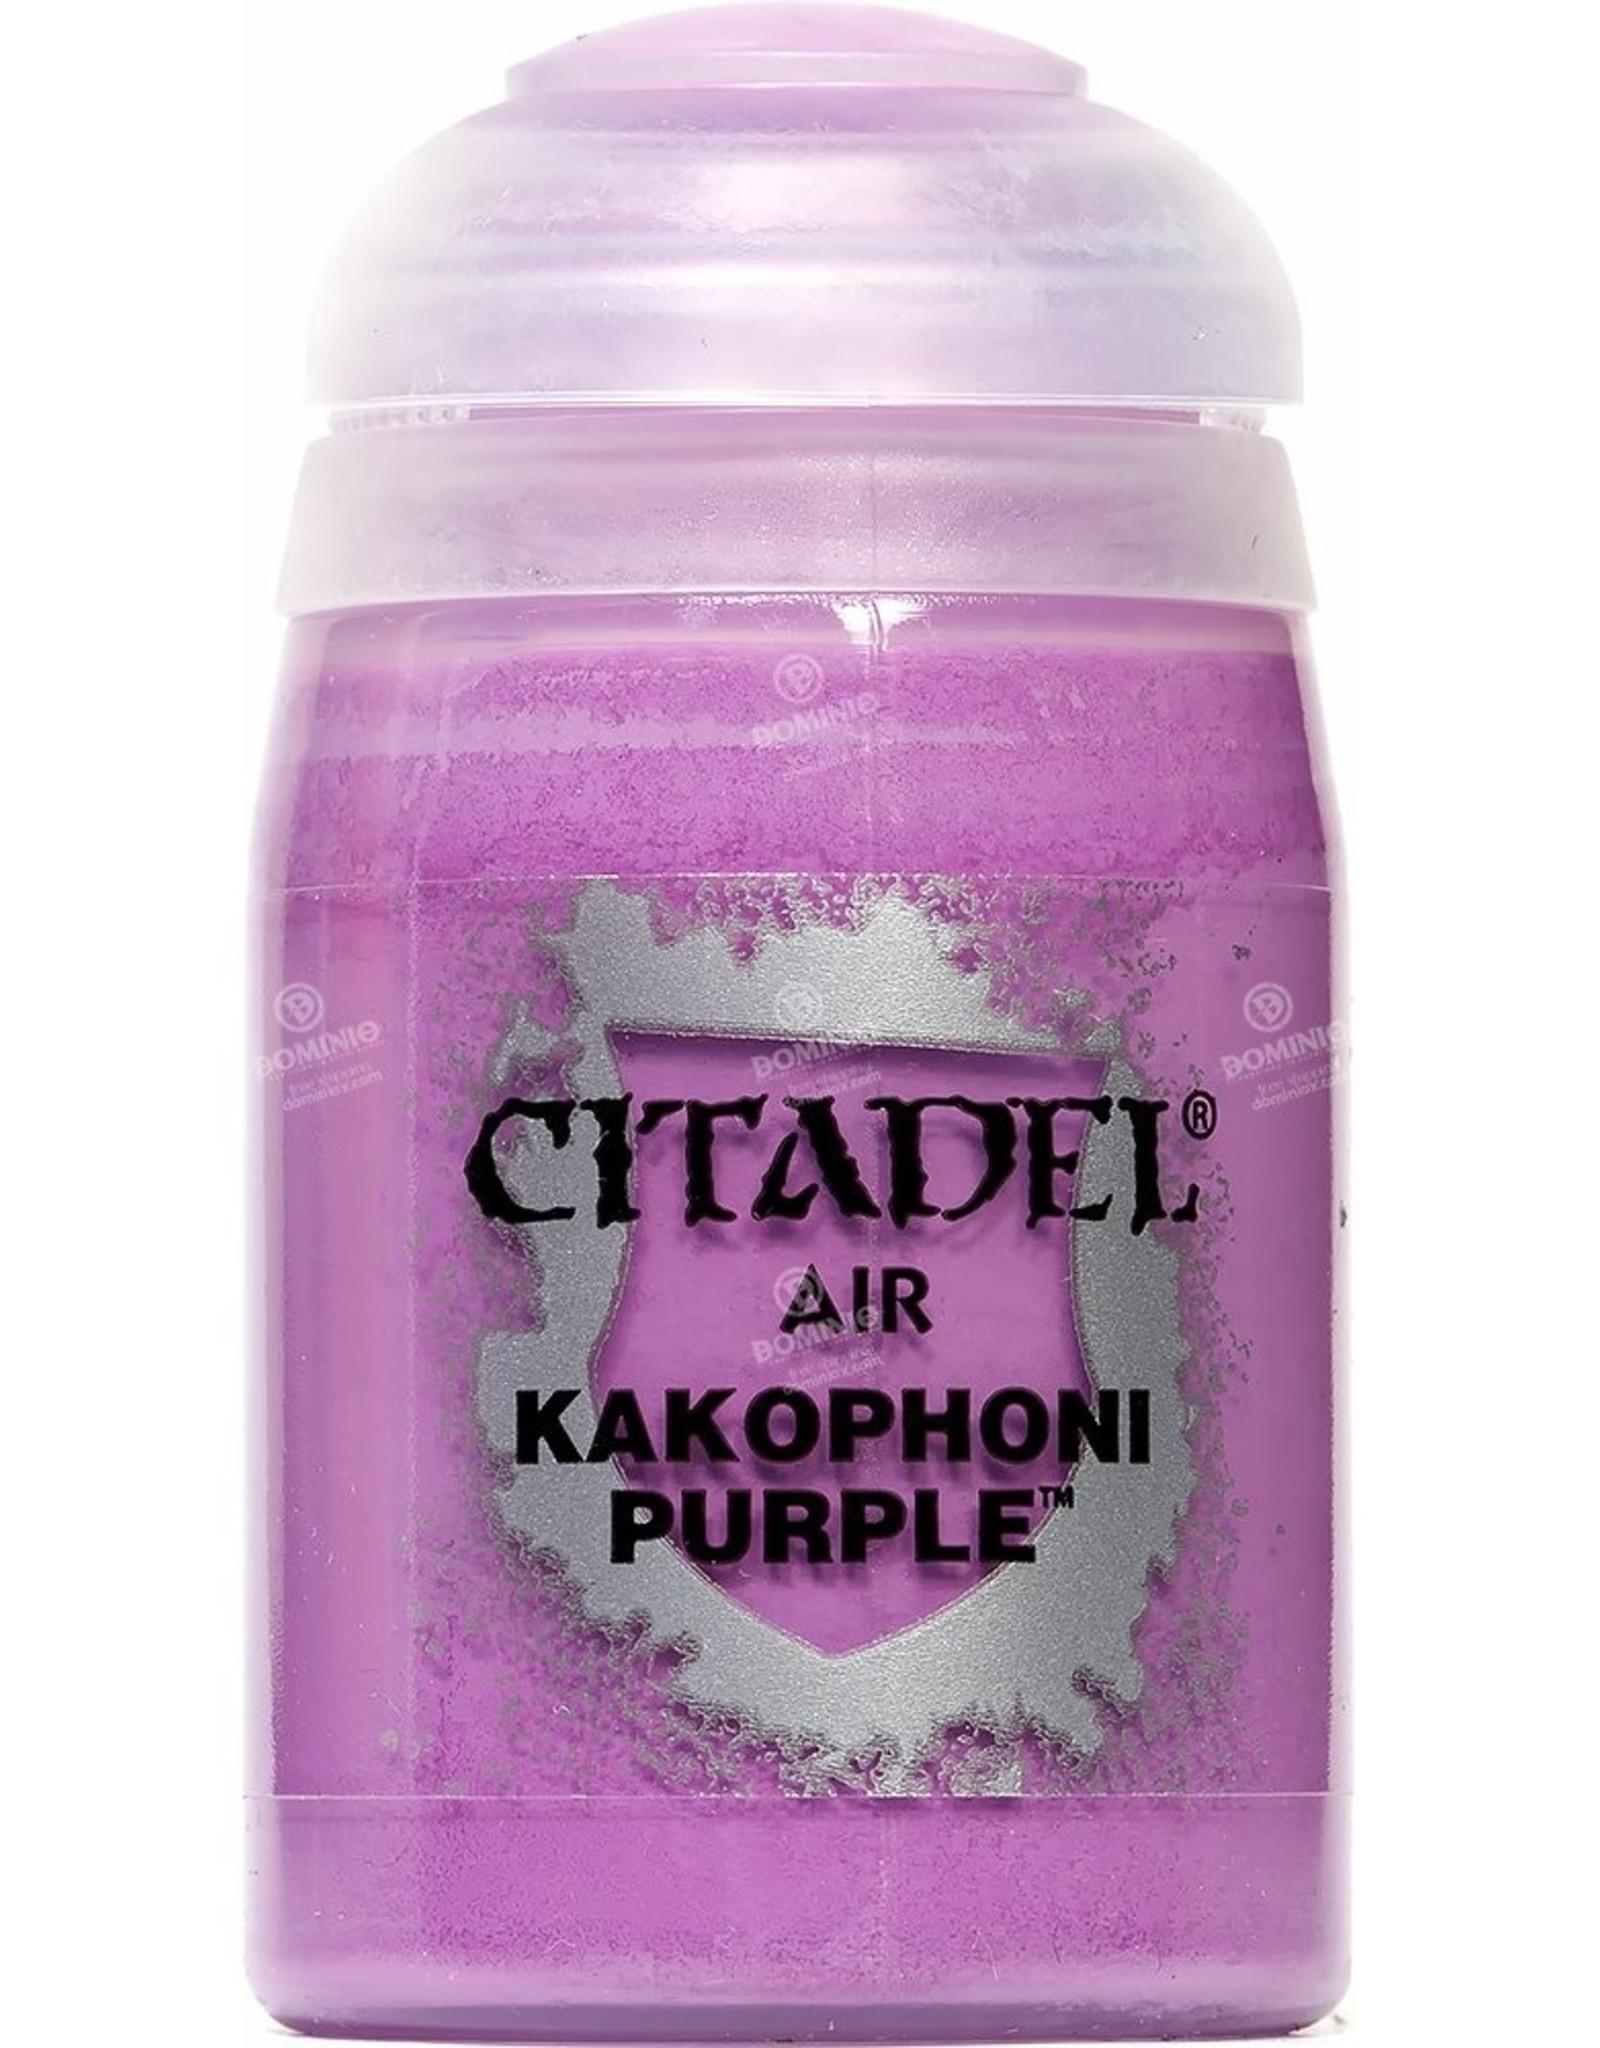 Citadel Citadel Air: Kakophoni Purple (24ml)